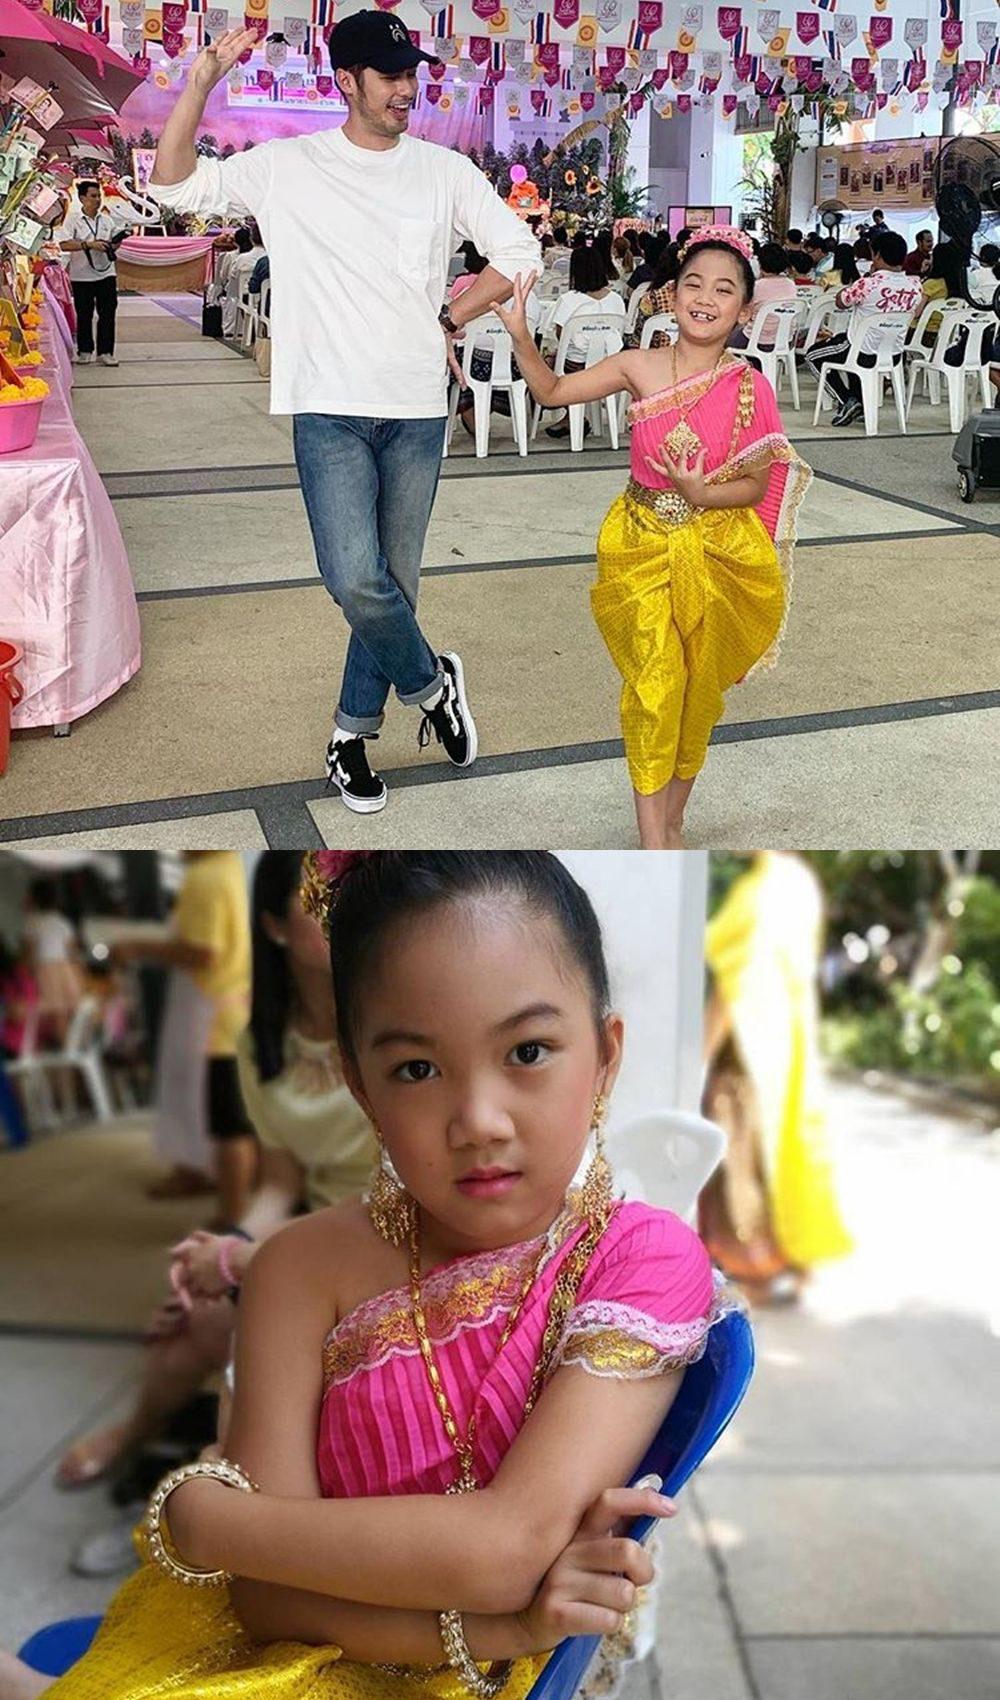 ชุดไทยงานโรงเรียน น้องวันใหม่ น้องสาว เฮียบอย ปกรณ์